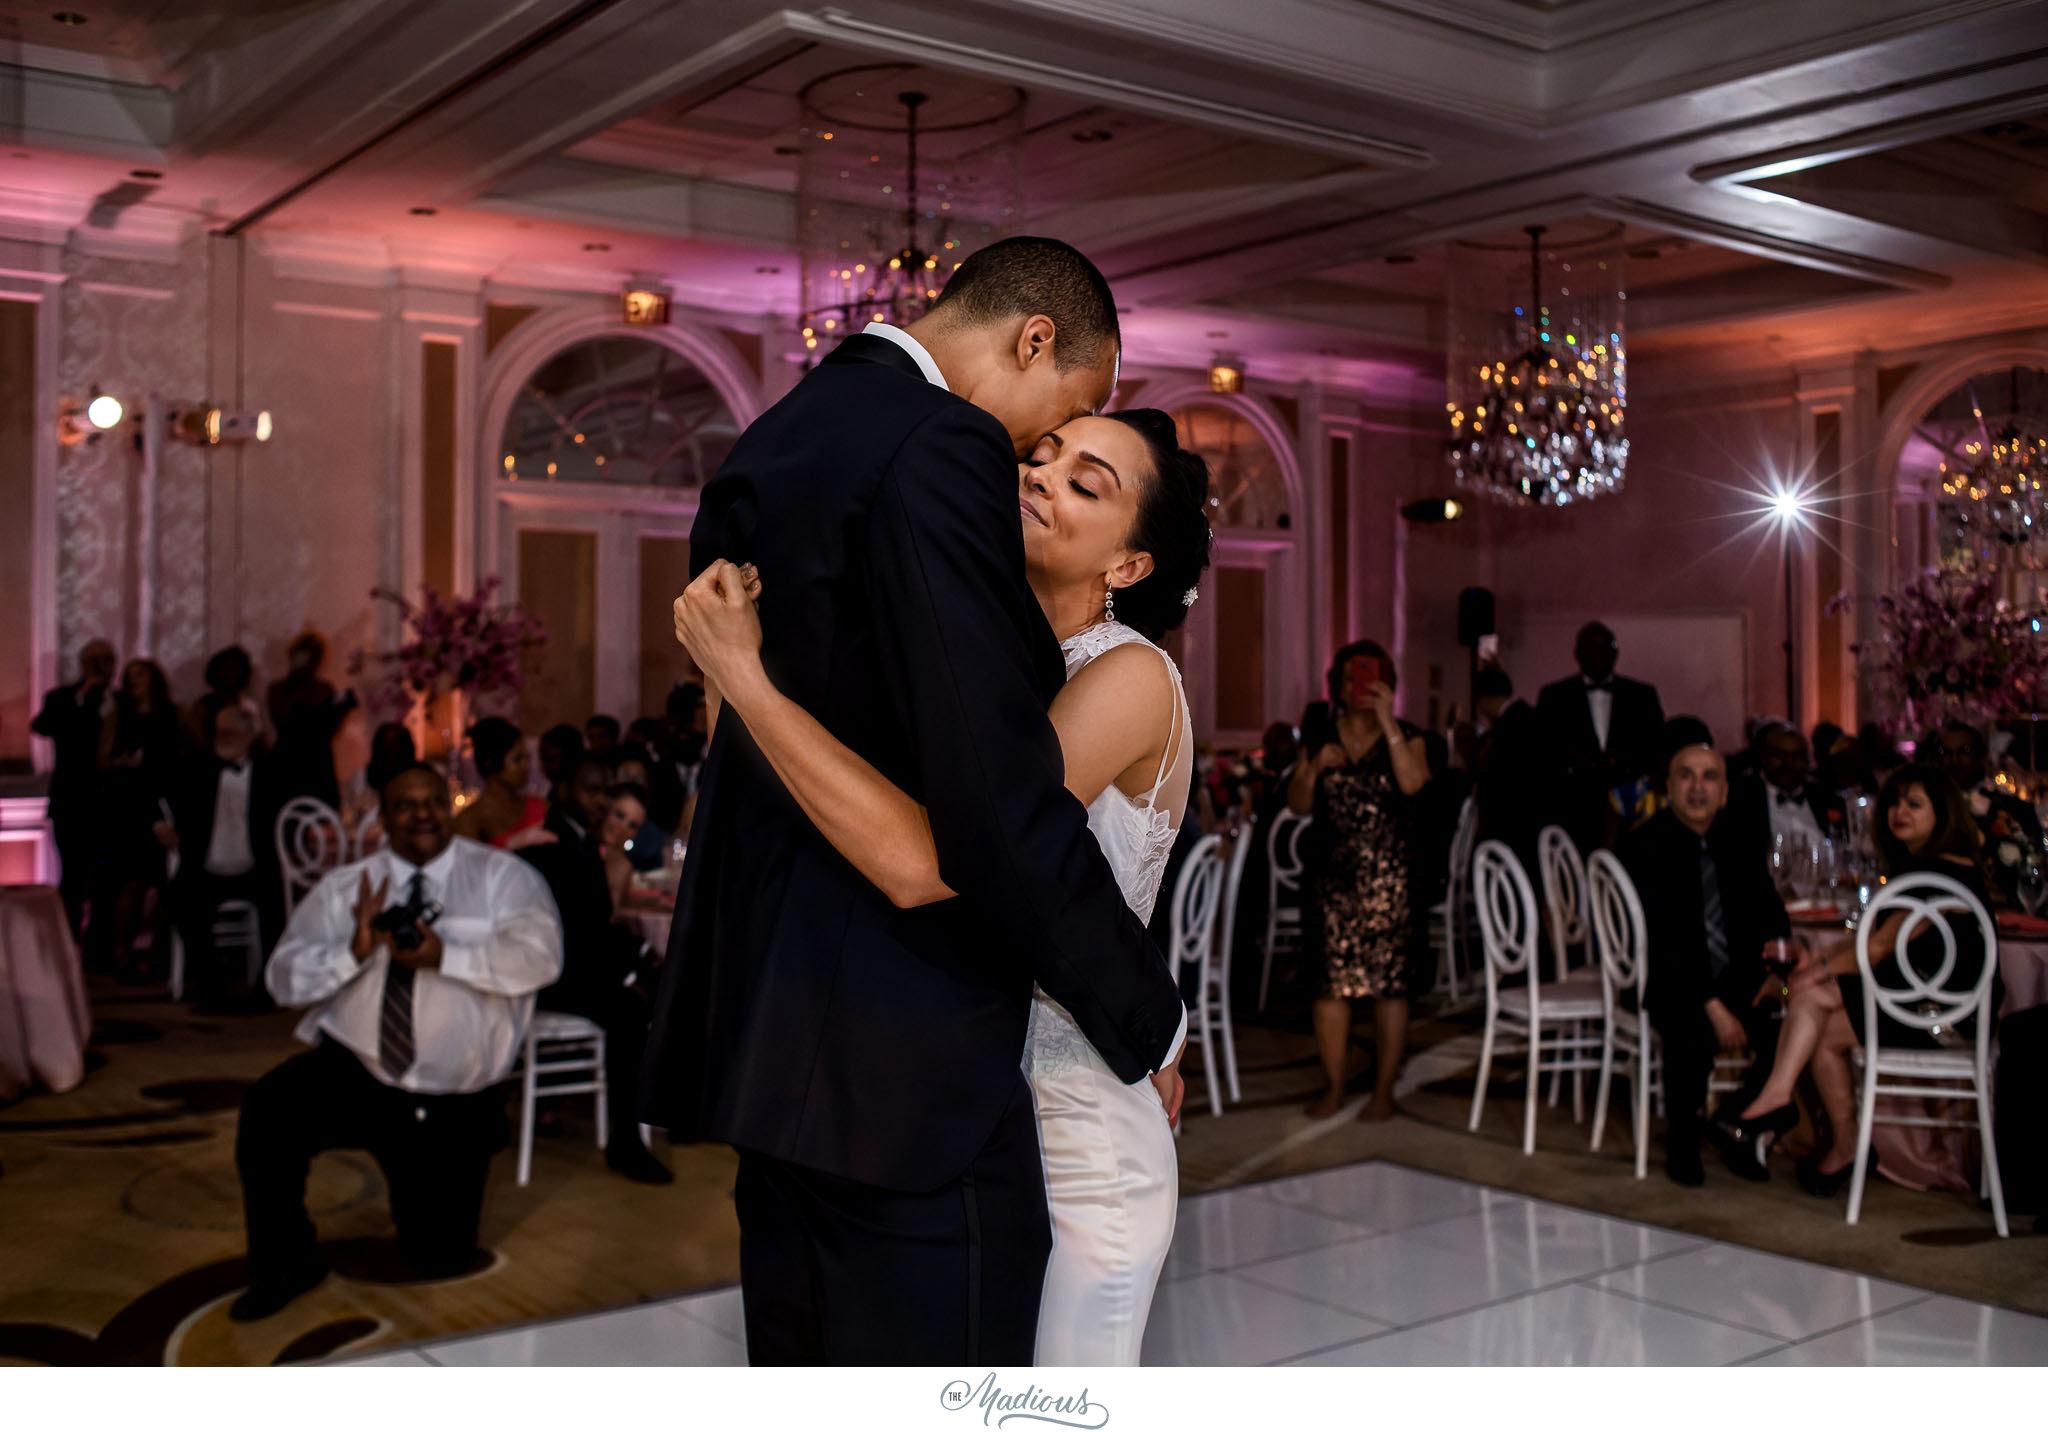 Fairmont Hotel DC Wedding 33.JPG